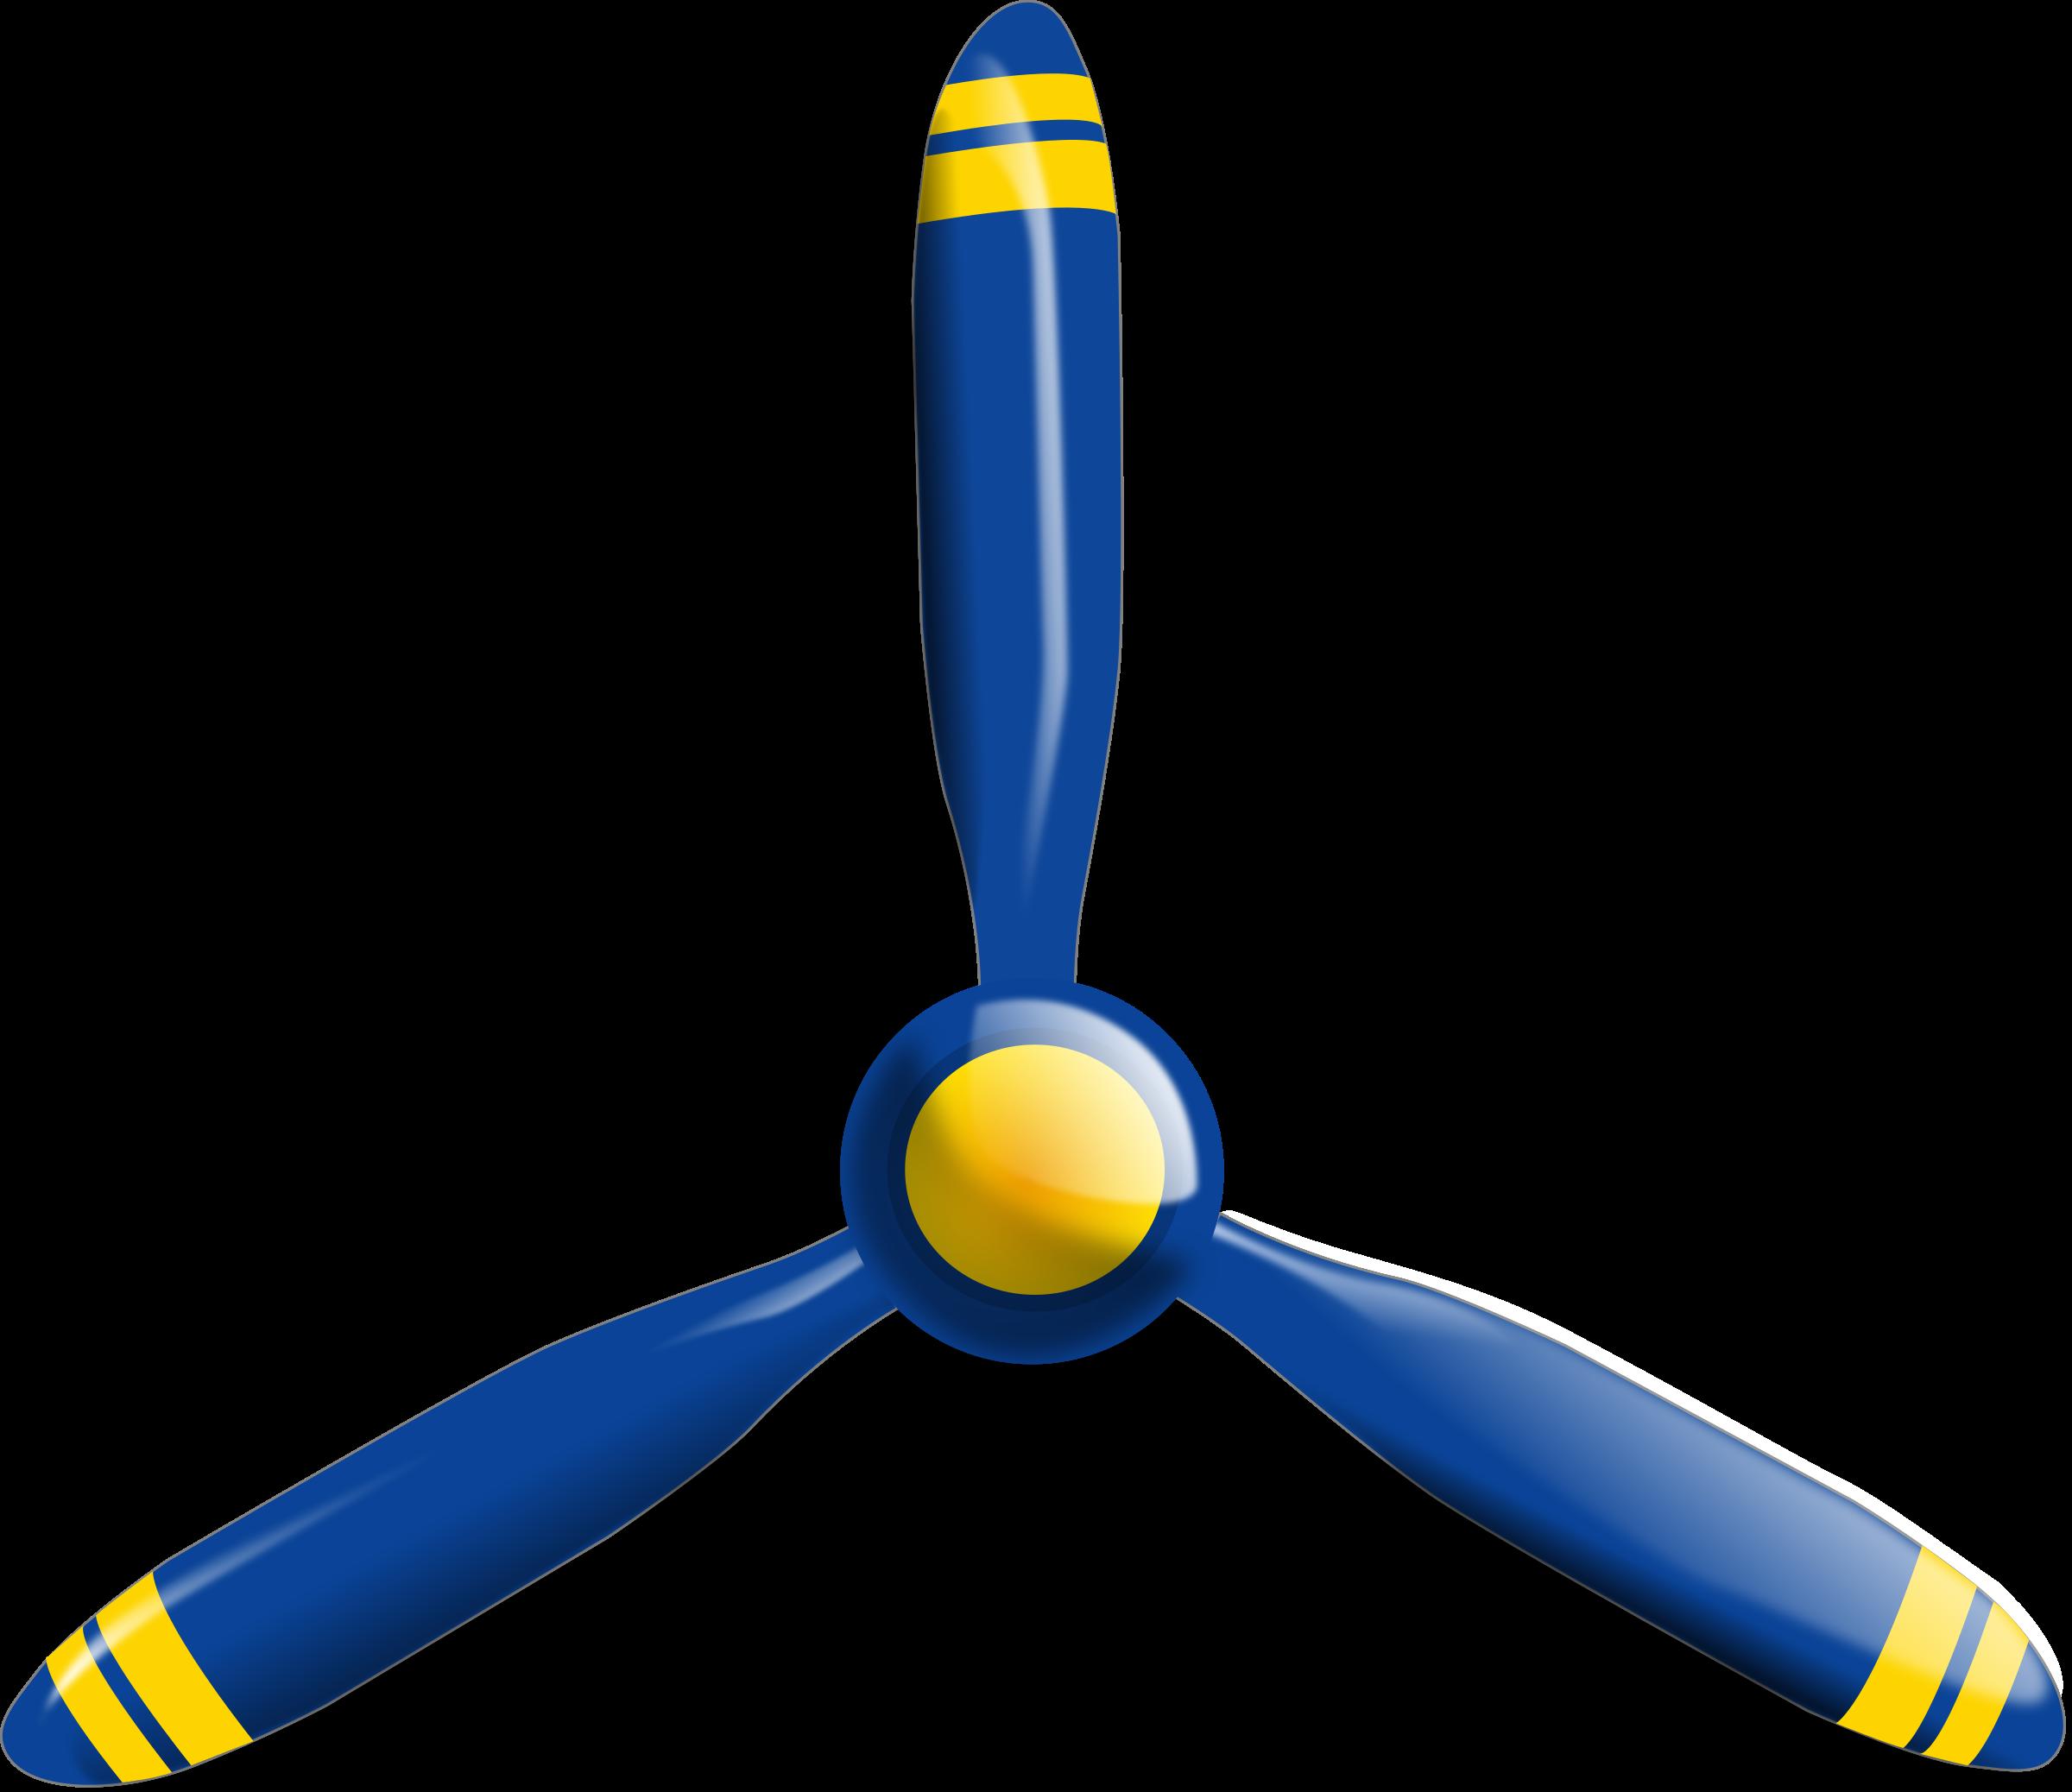 Plane propeller clipart.